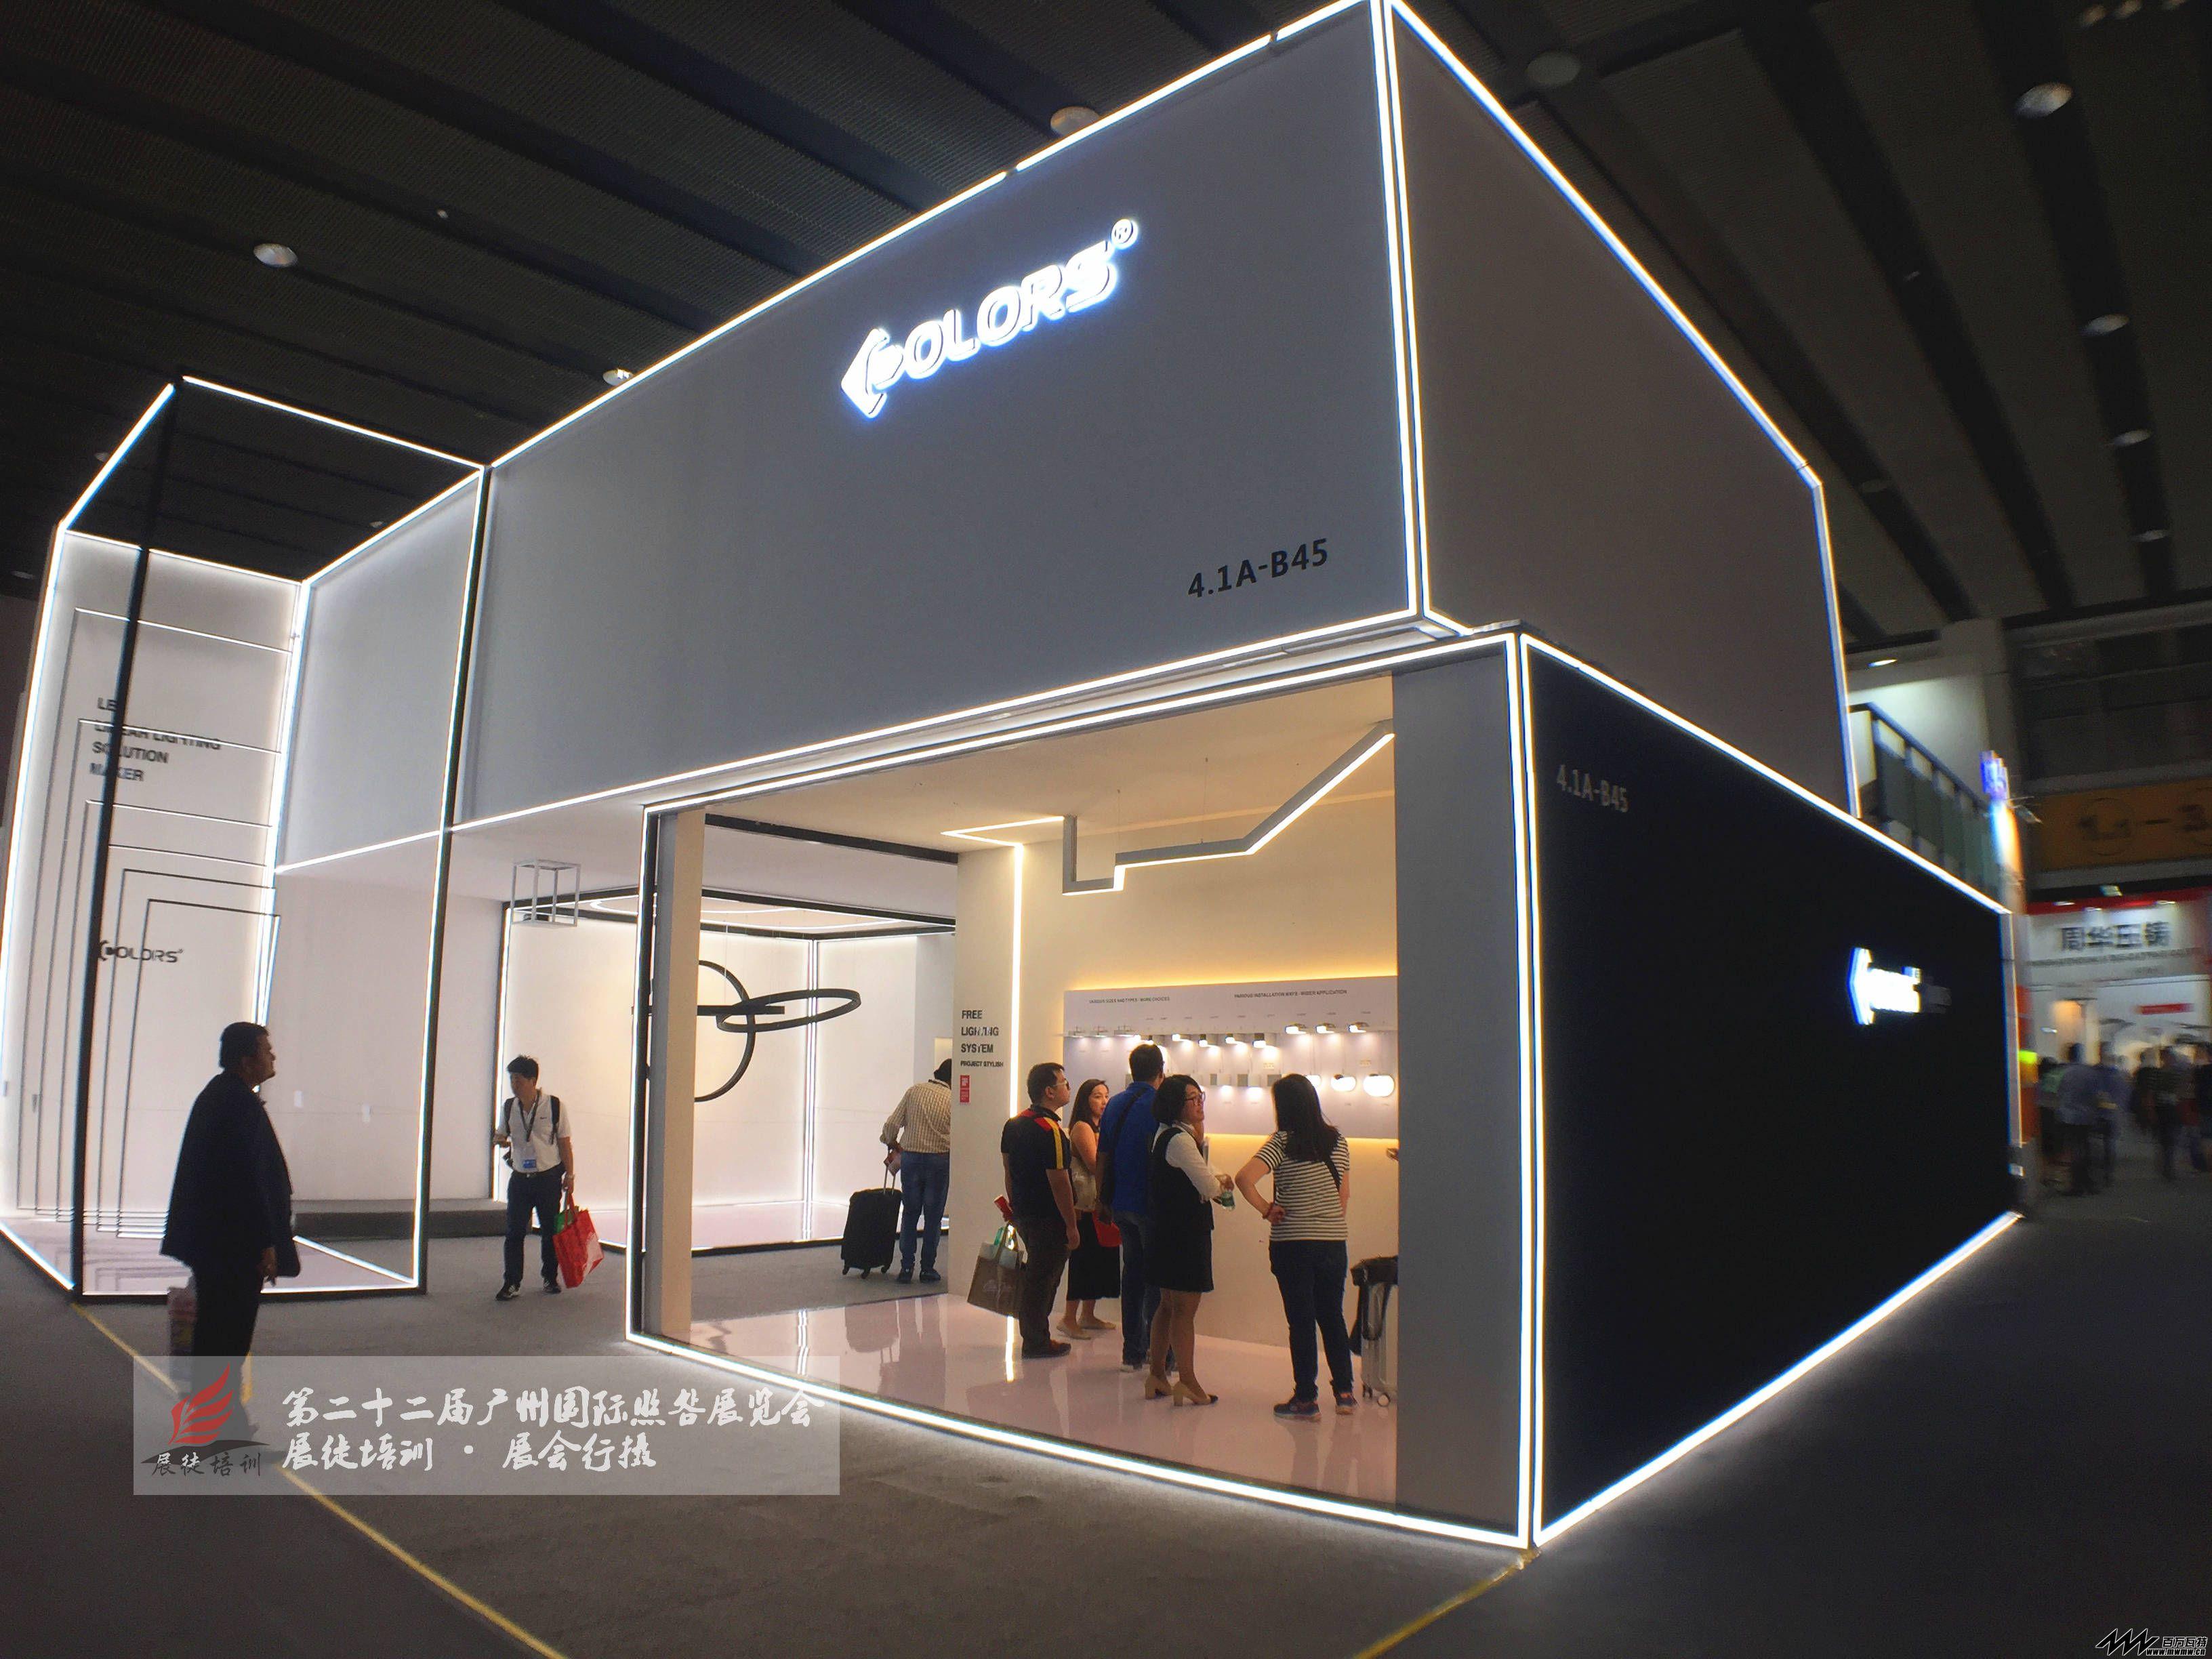 第二十二届广州国际照明展览会-展徒培训·展会行摄 (169).jpg